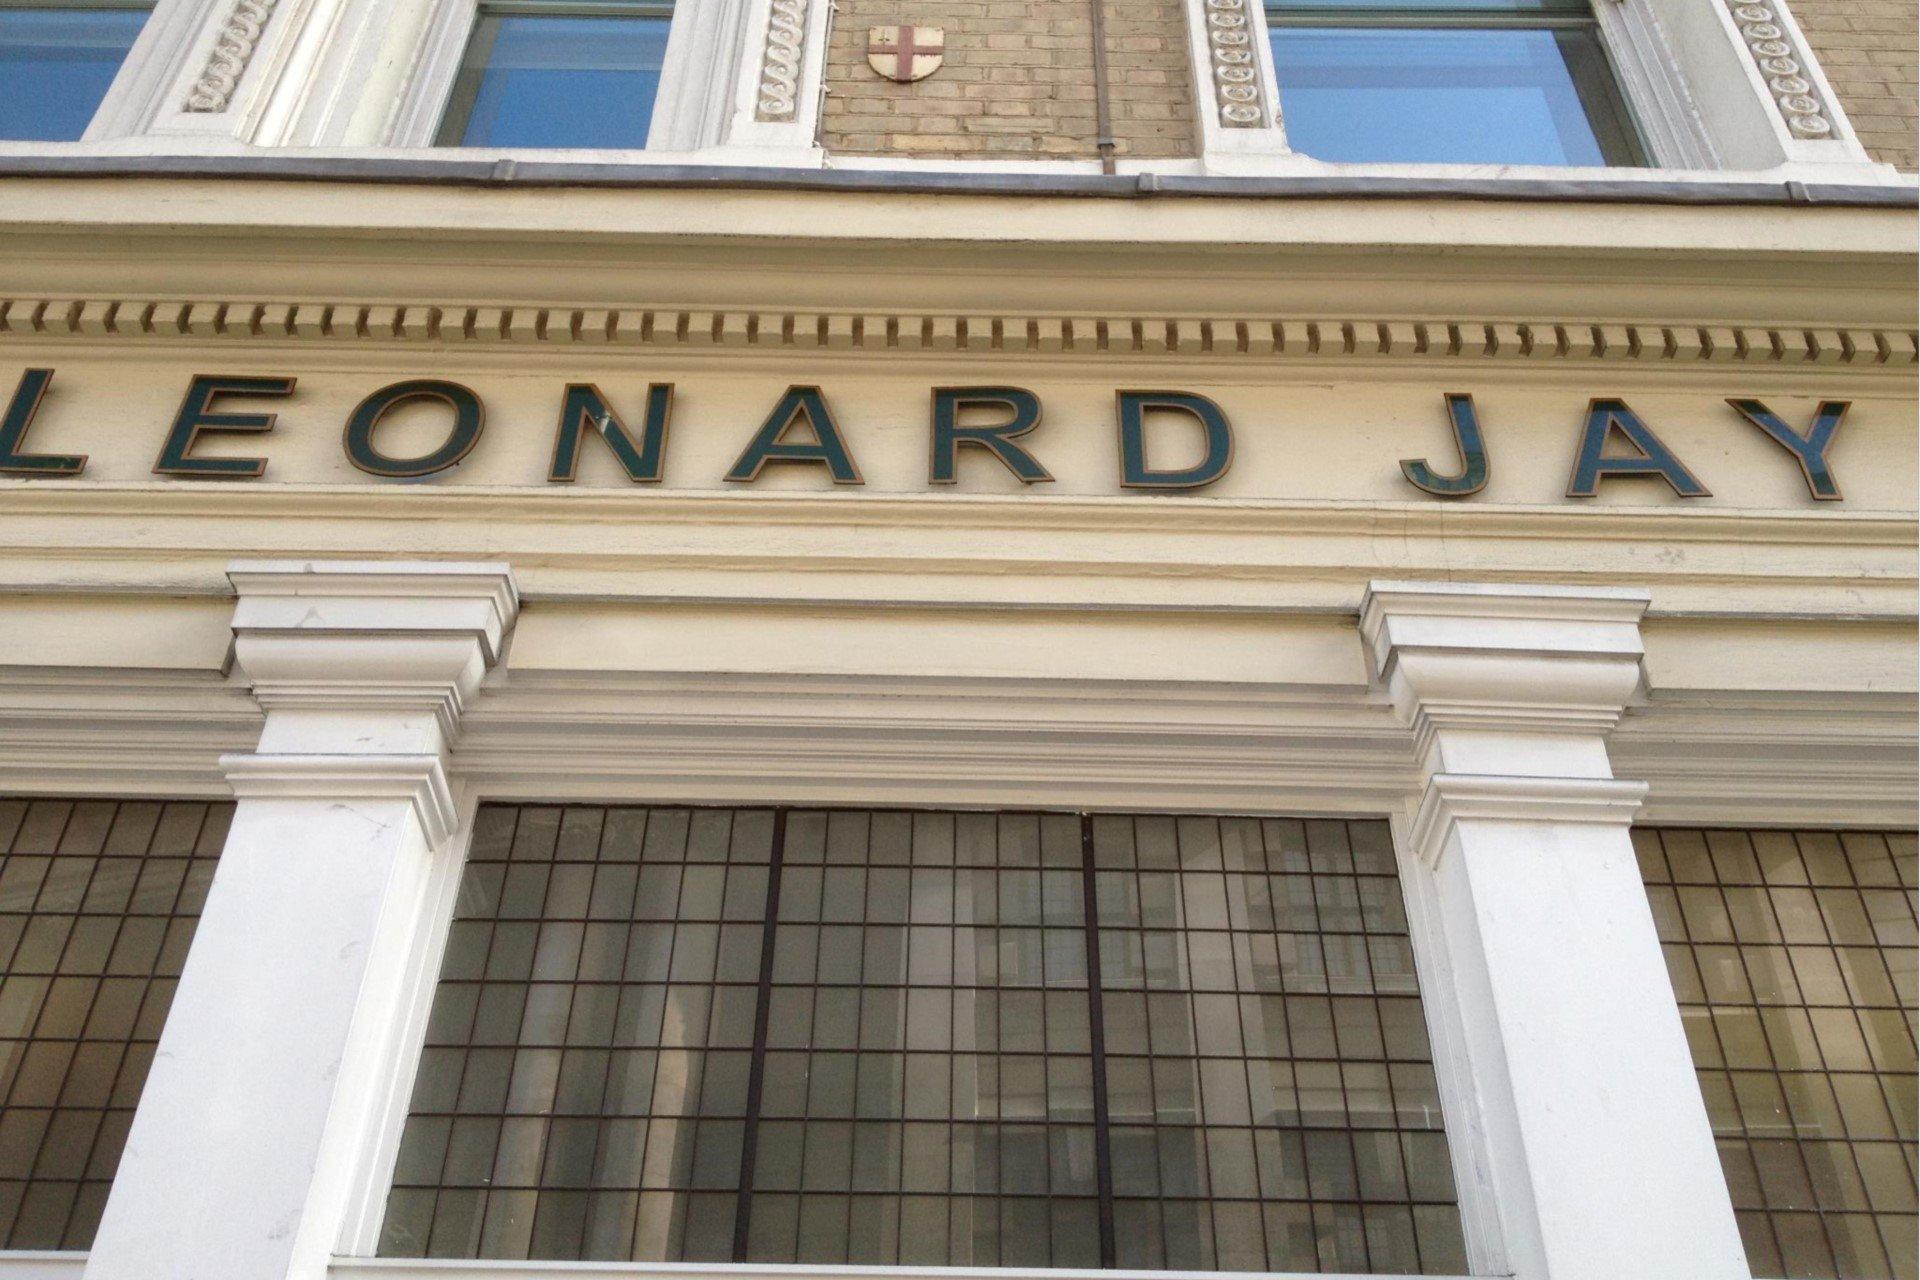 Leonard Jay Shop Signage